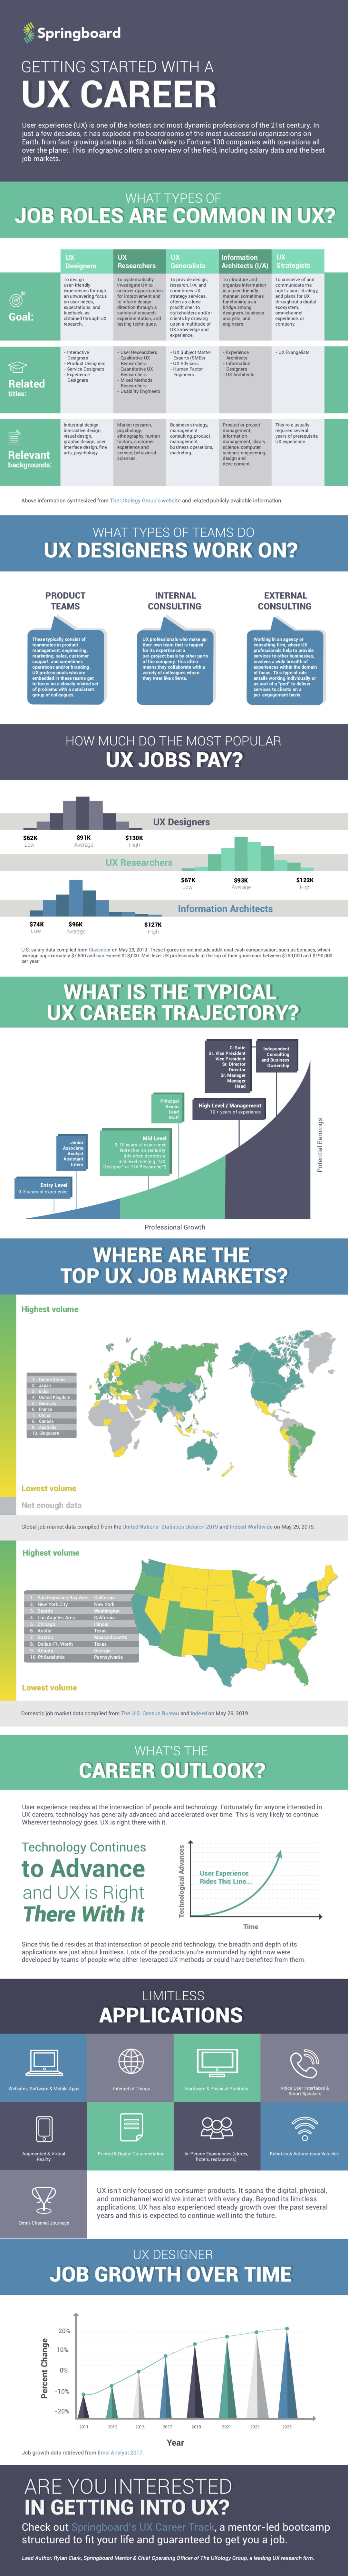 state of ux design salaries